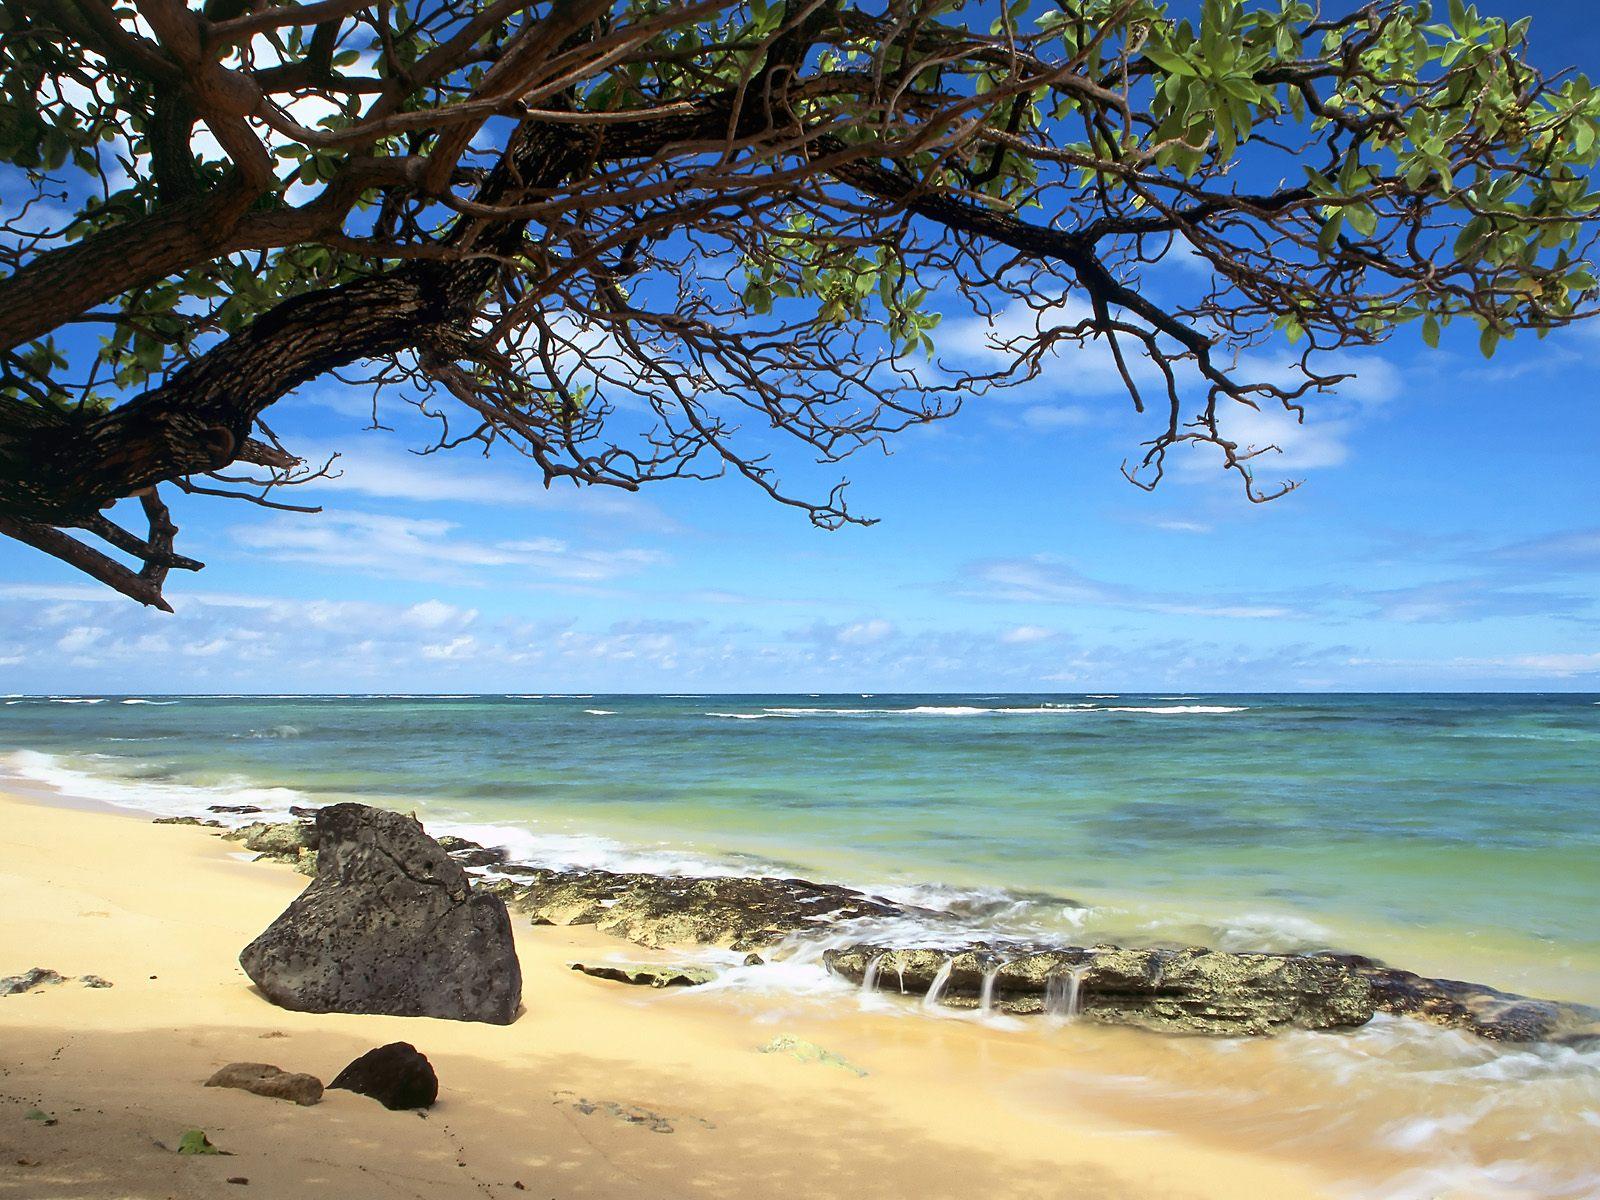 [Kanenelu+Beach,+Oahu,+Hawaii.jpg]